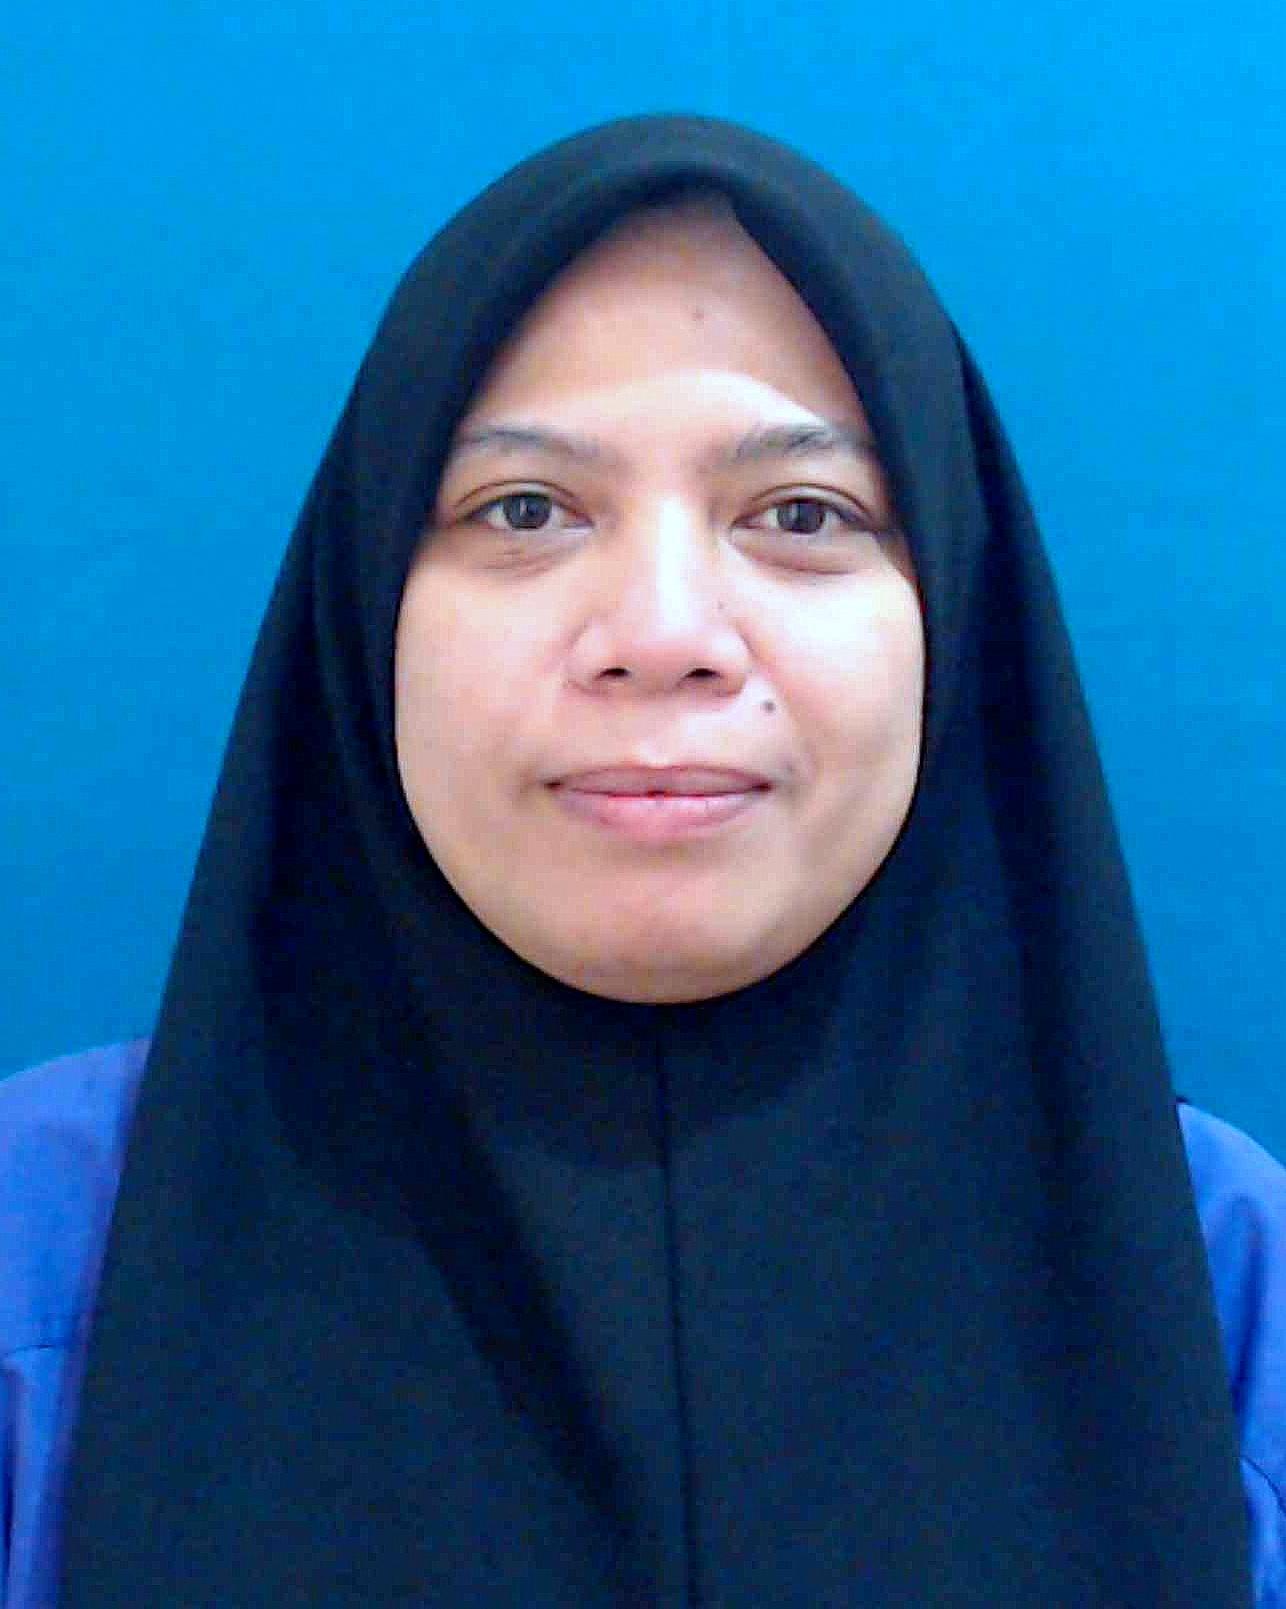 Mastura Binti Kamarzaman